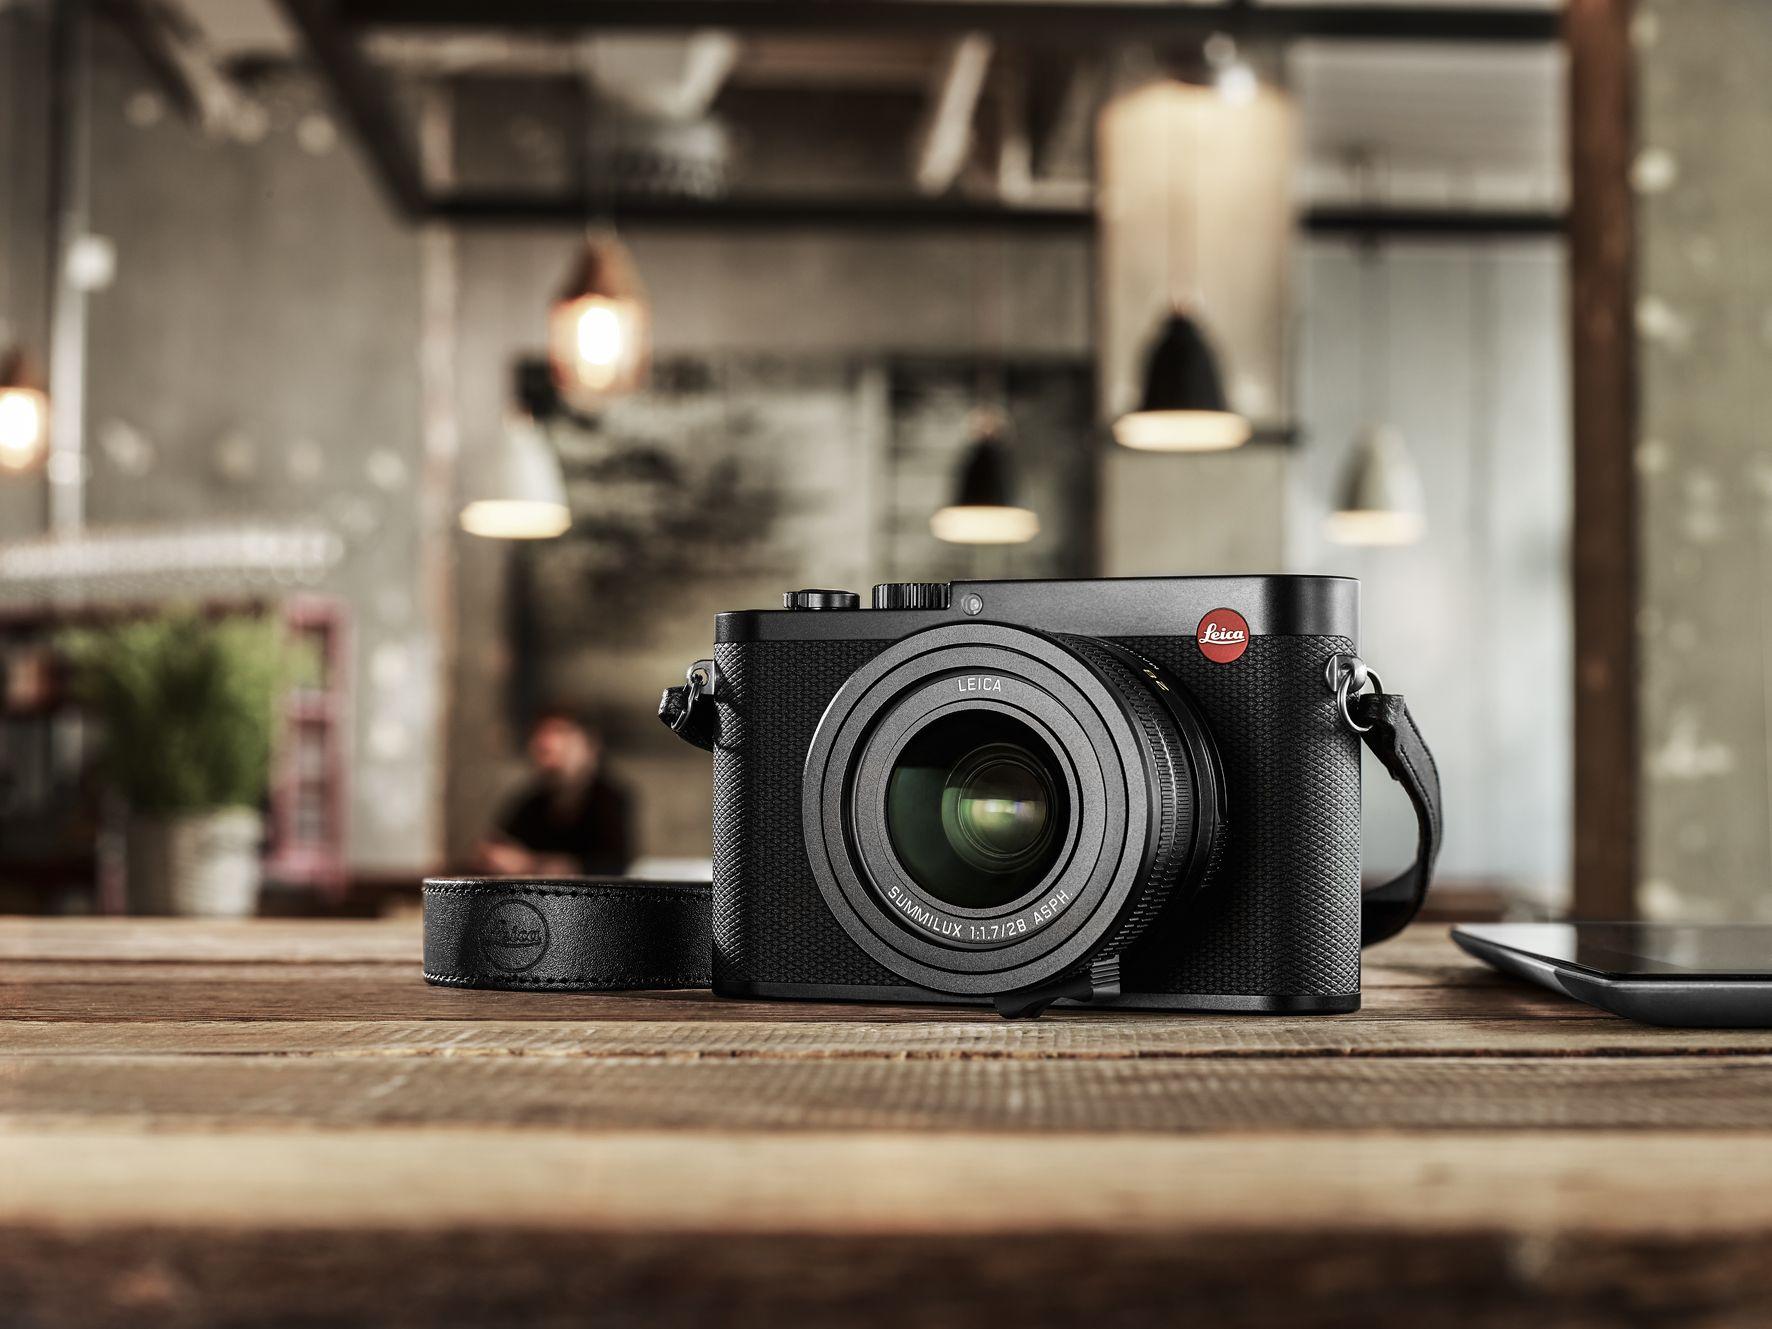 Leica Q, Leica, camera